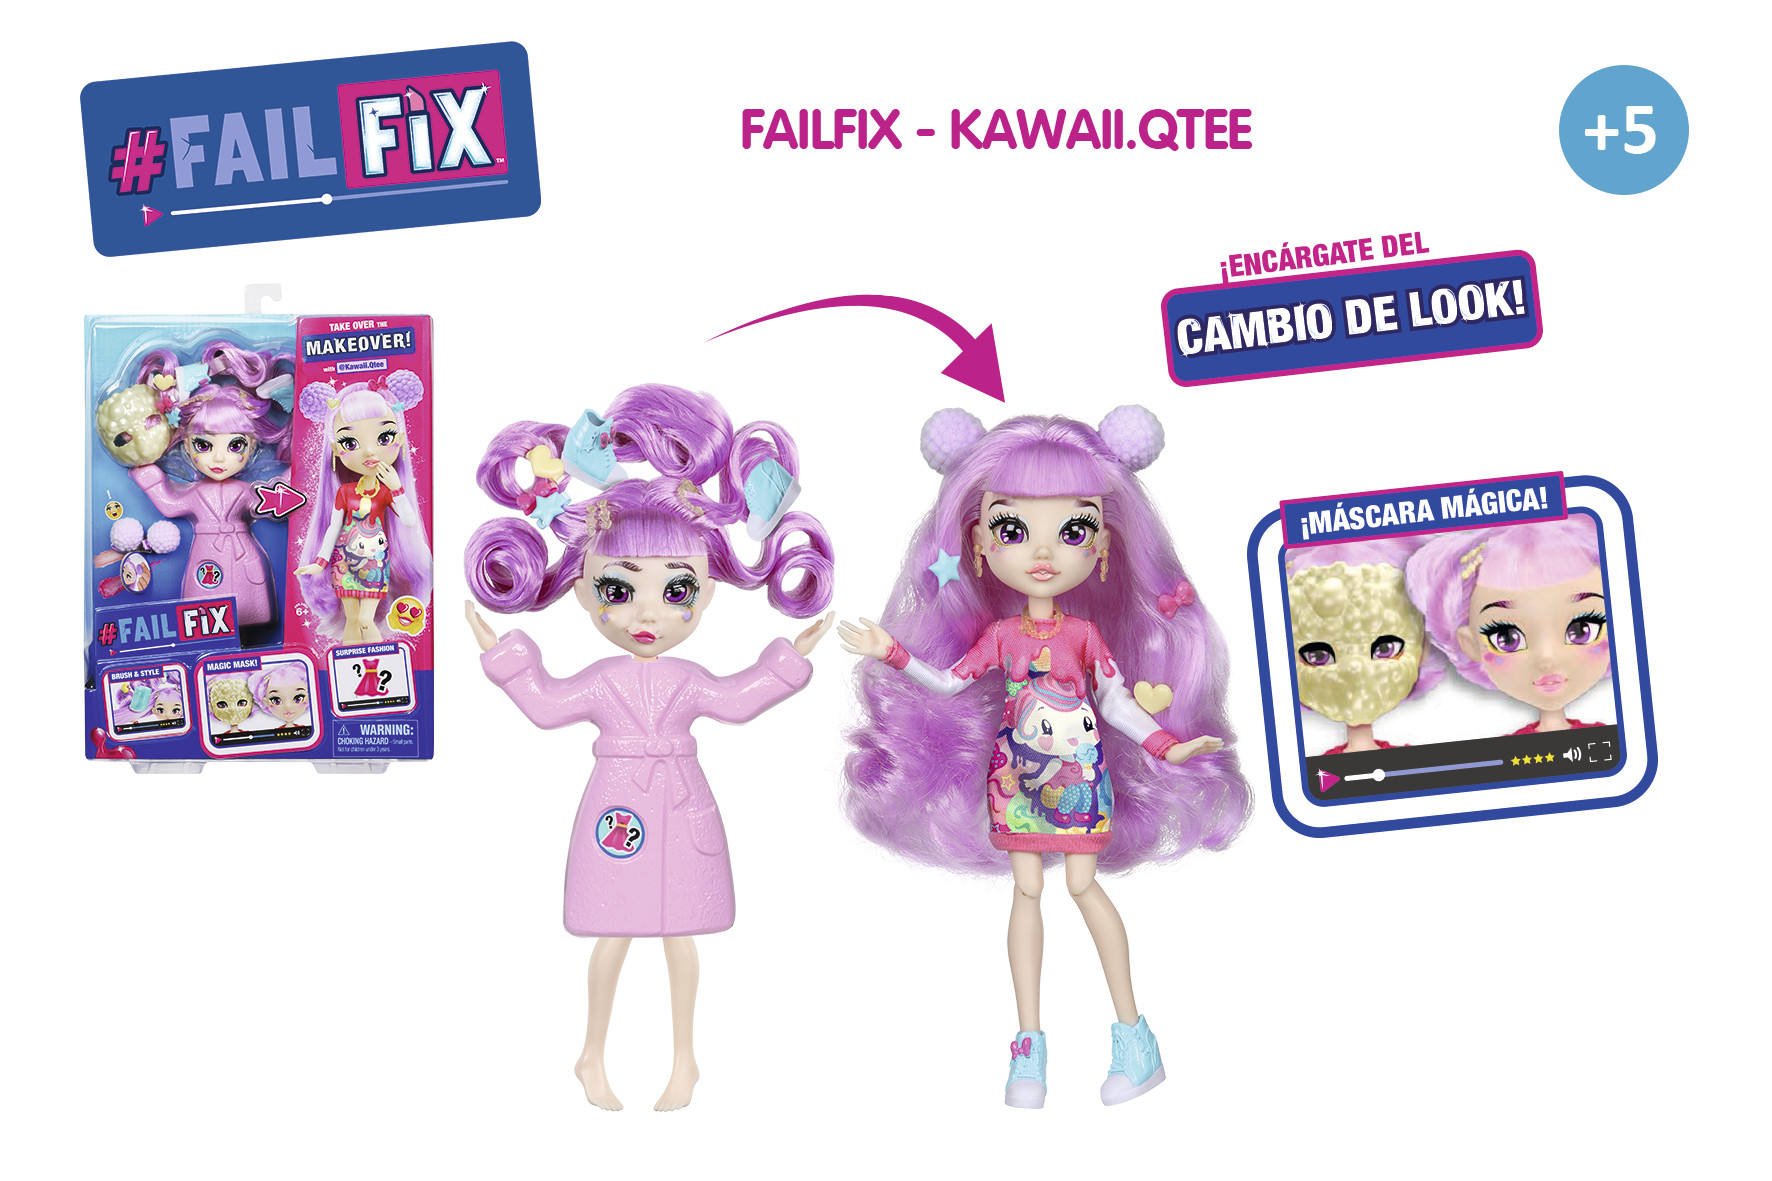 FAILFIX KAWAII CAMBIO DE LOOK 16073 - N36920